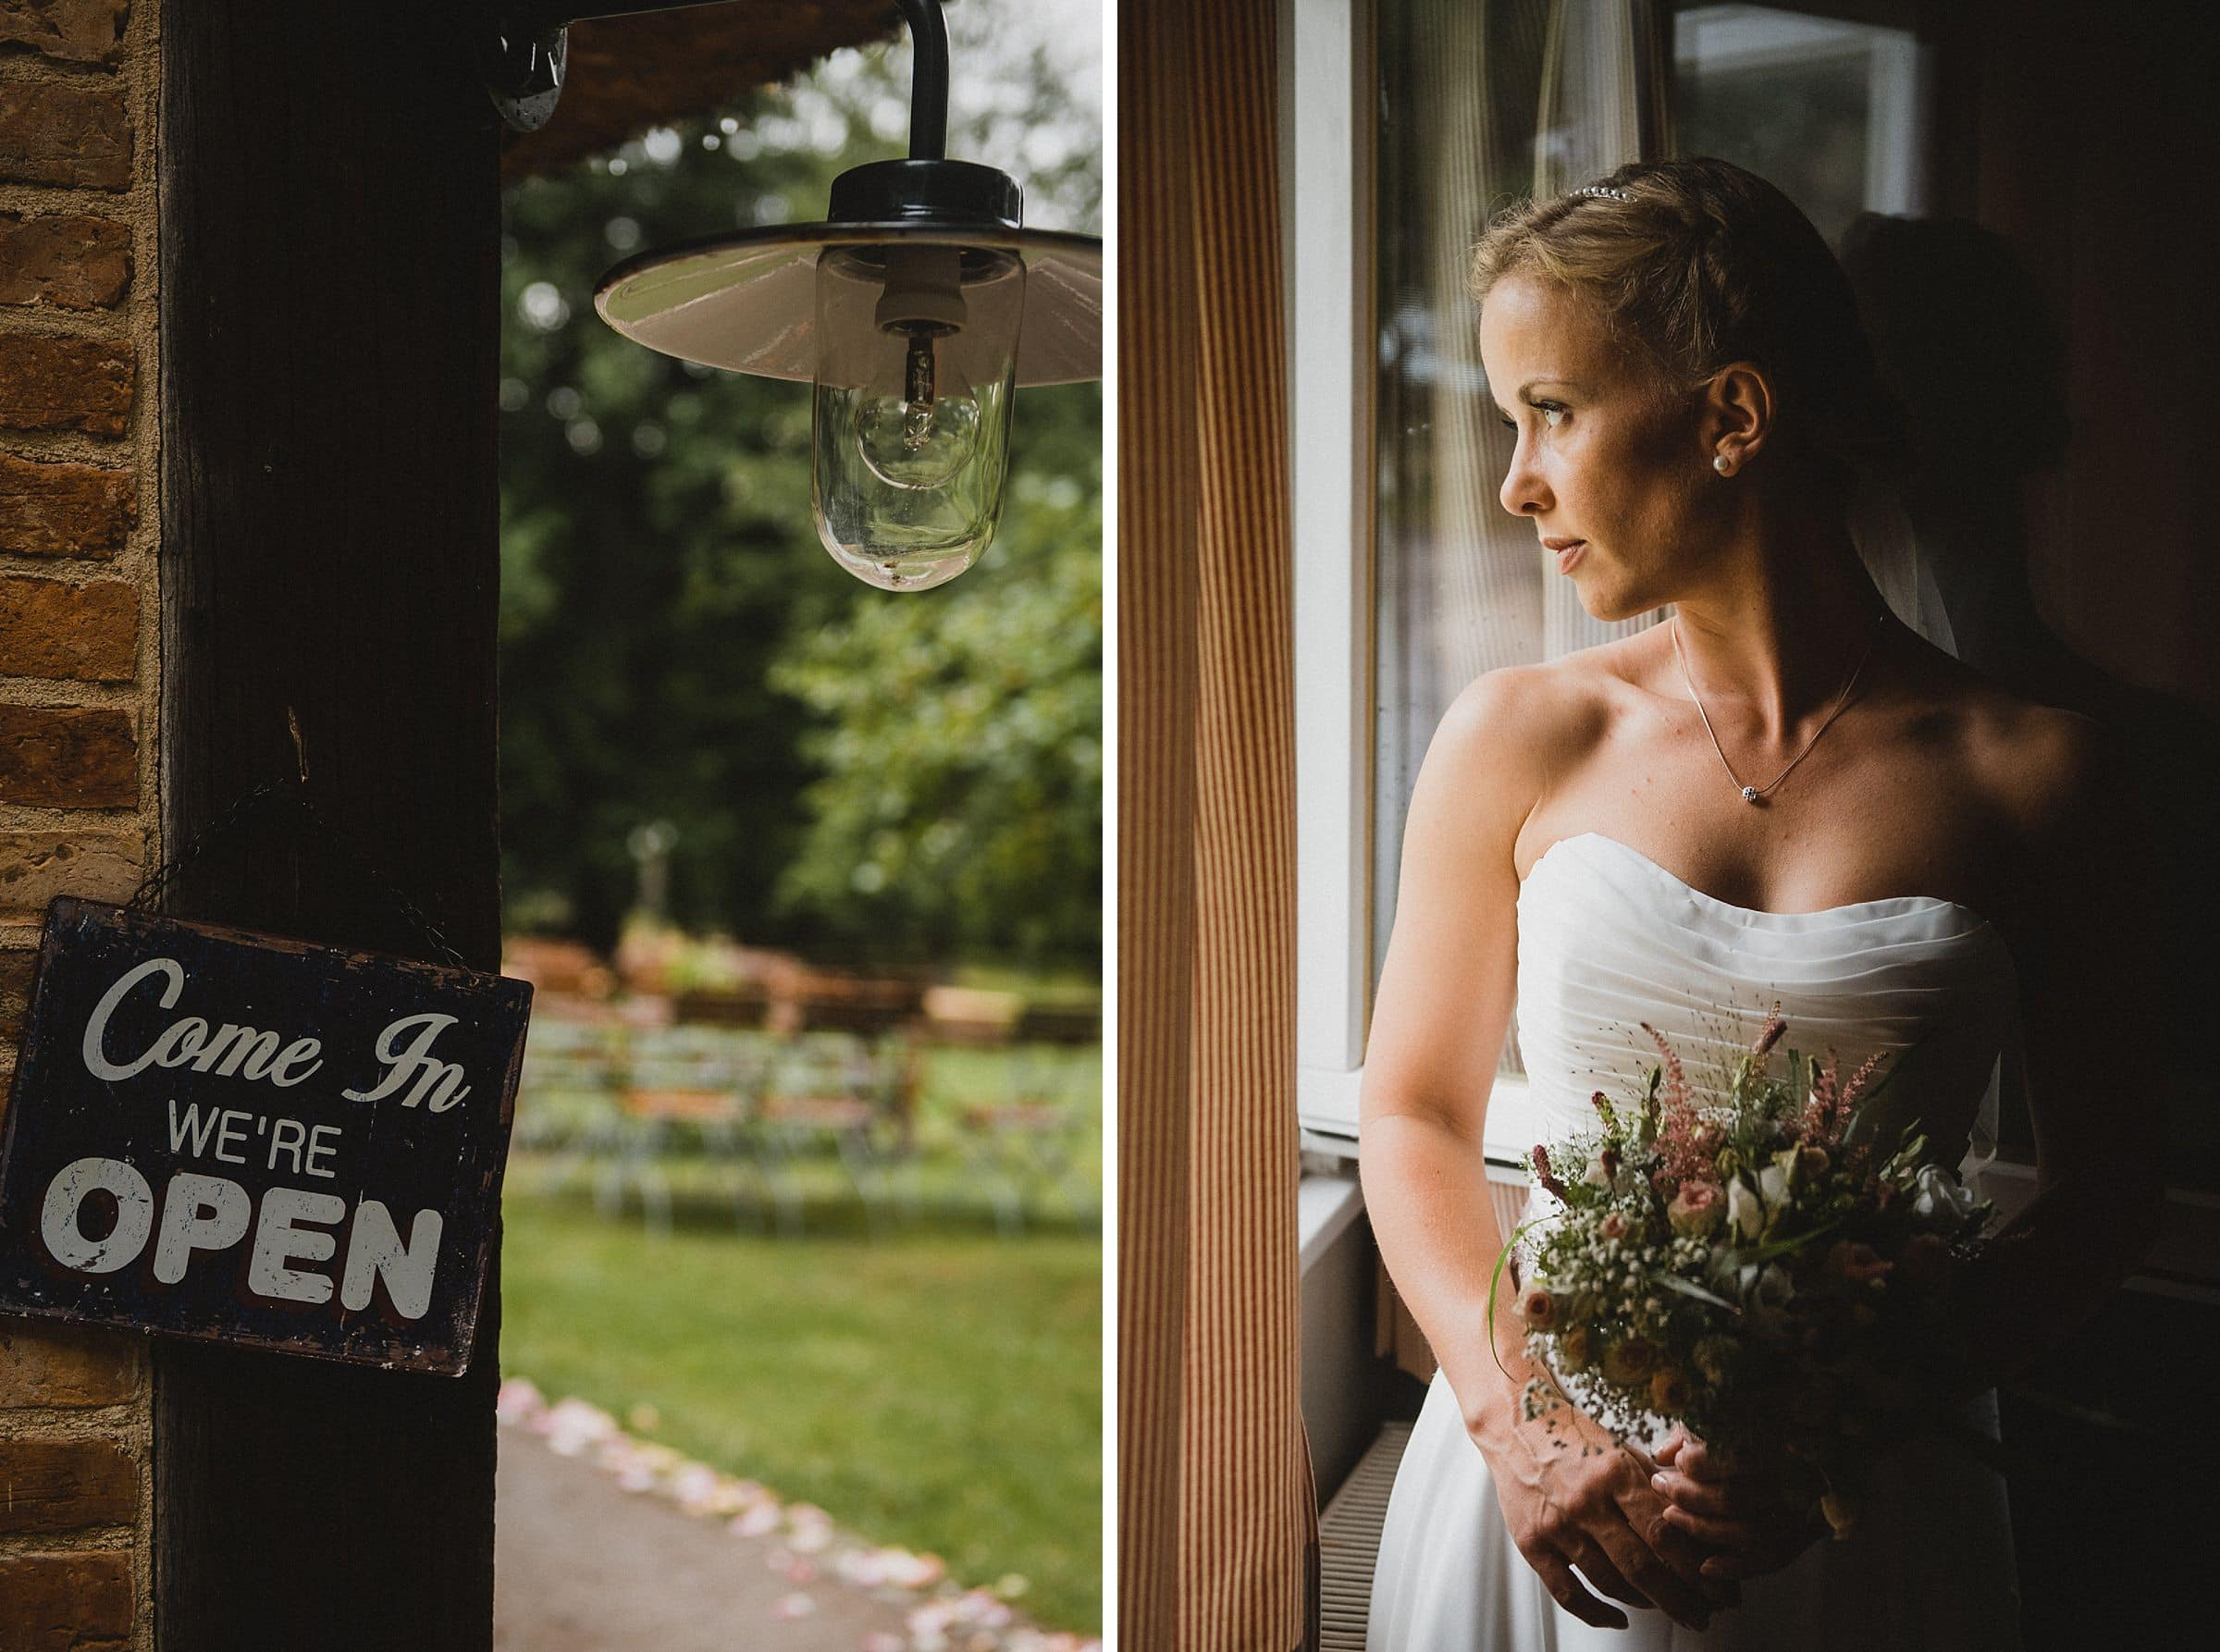 Hochzeitsfotografie-Frau-Siemers-Hof Weihe-Braut steht erwartungsvoll am Fenster. In die Zukunft blickend